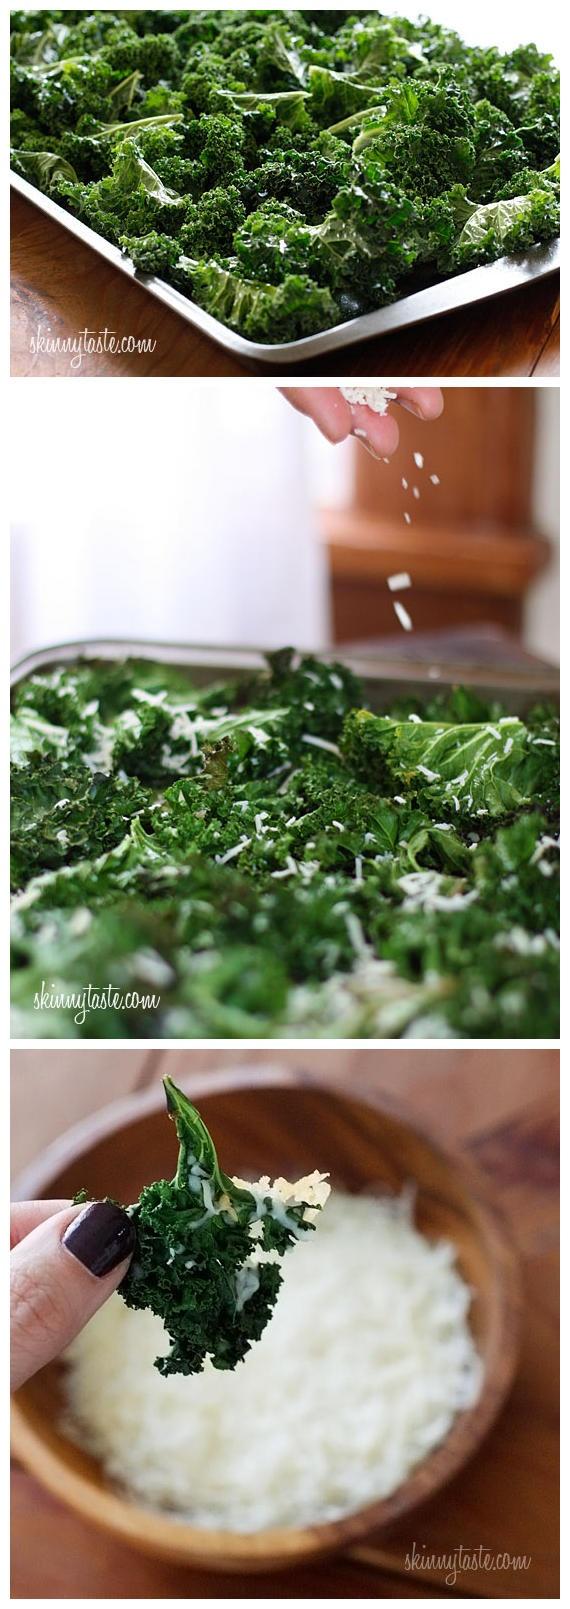 kale chips sesame salt kale chips roasted kale chips with sea salt and ...